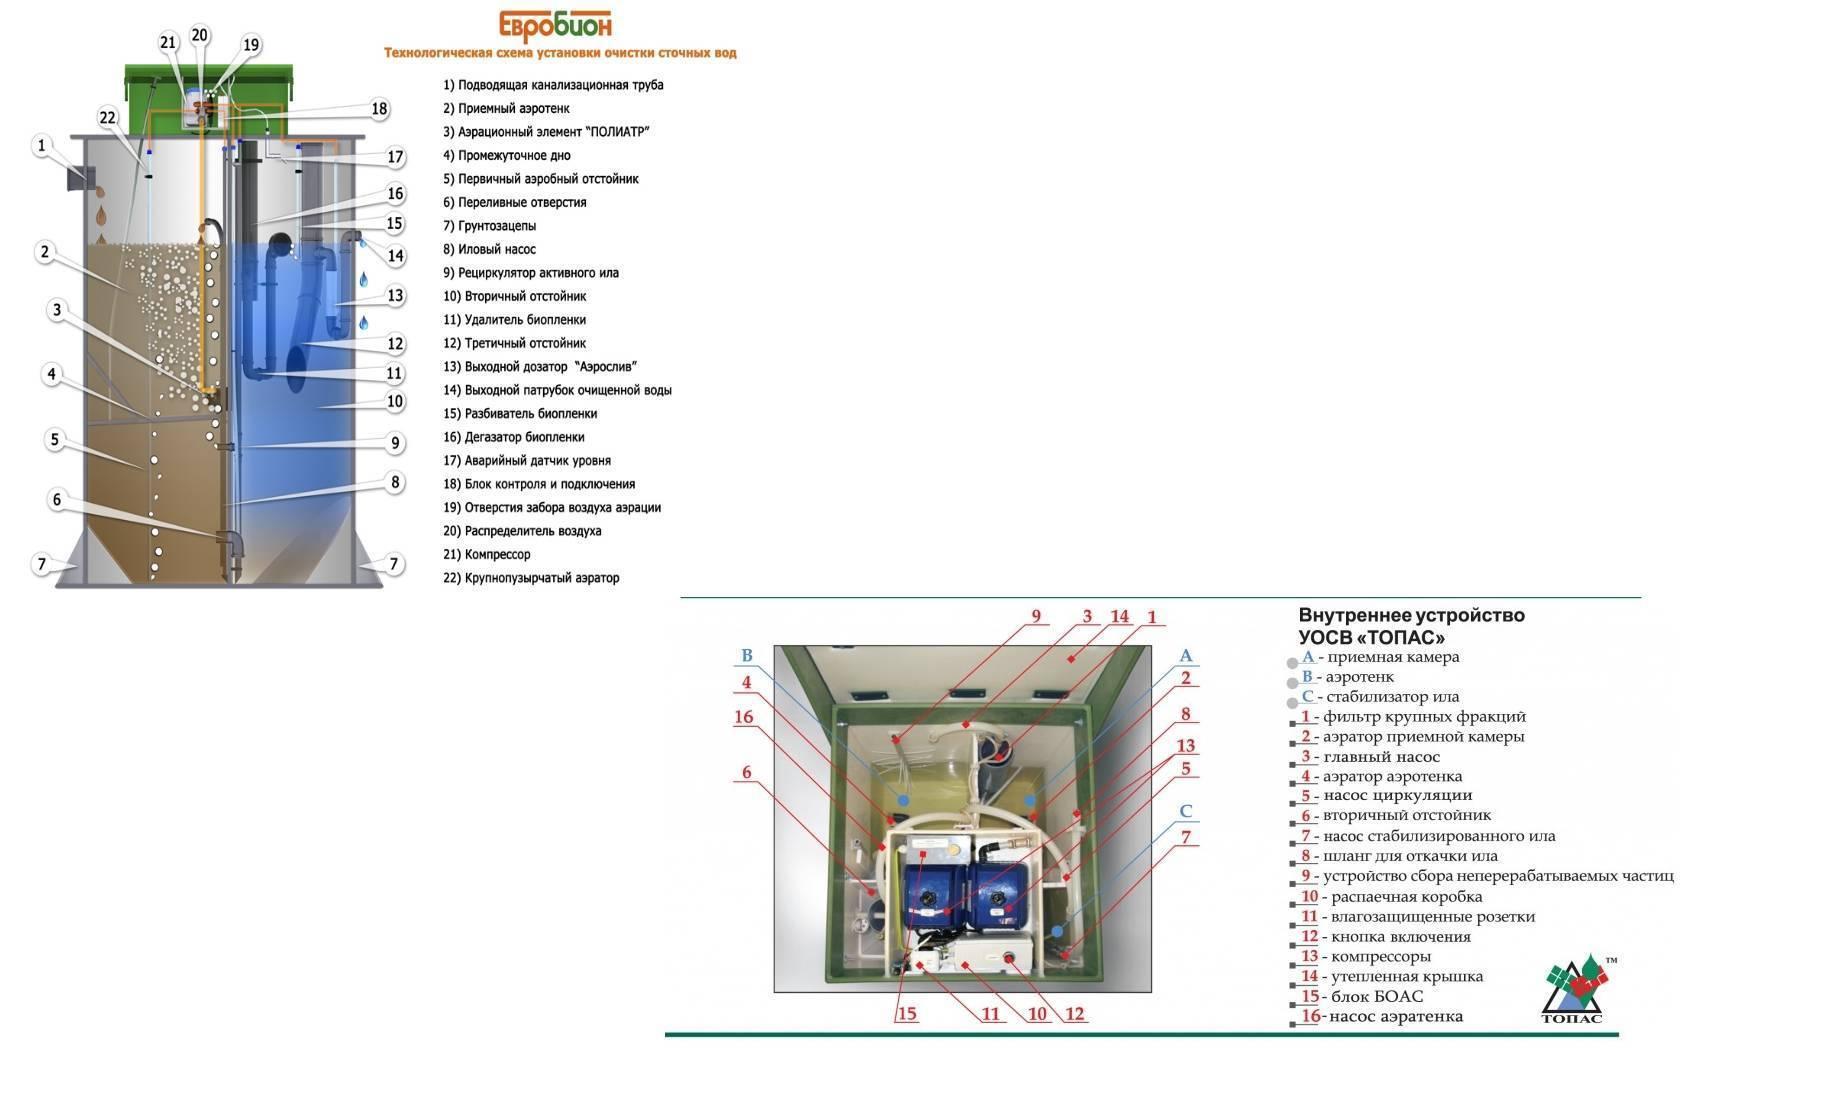 Евробион 8 – цена, отзывы, обслуживание, технические характеристики, пр